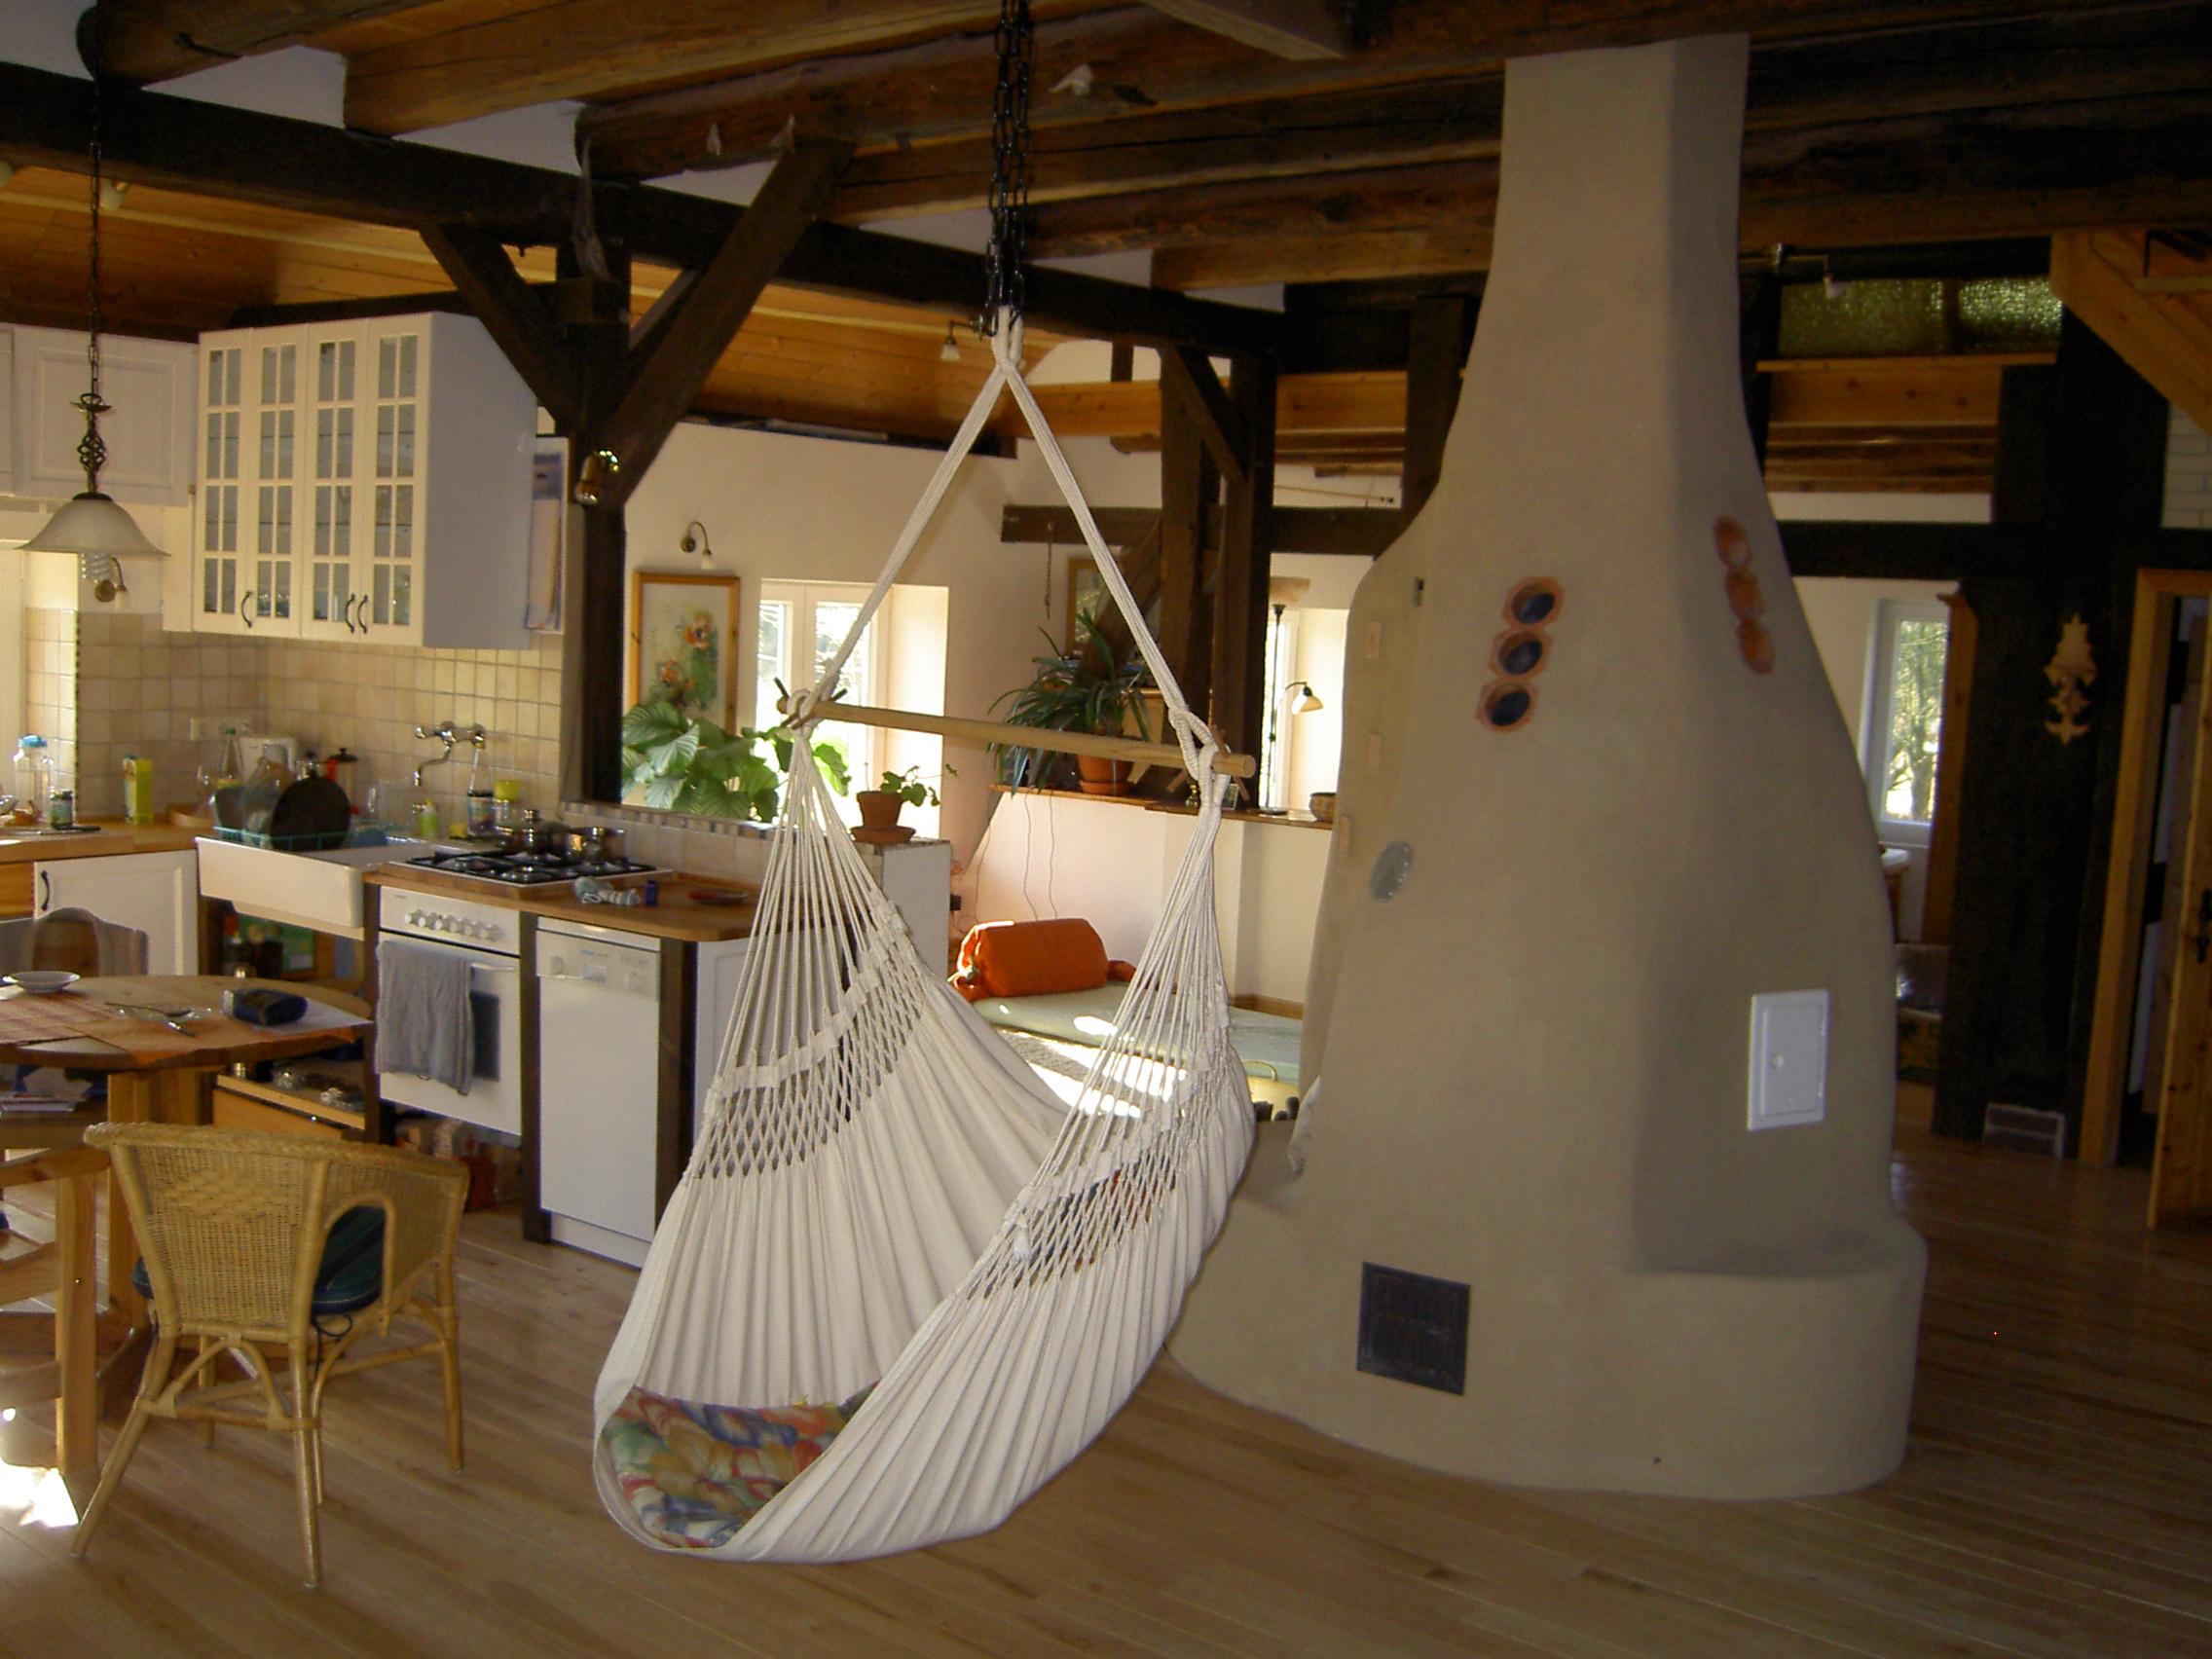 holzofen luftfeuchtigkeit sammlung von zeichnungen ber das inspirierende design. Black Bedroom Furniture Sets. Home Design Ideas